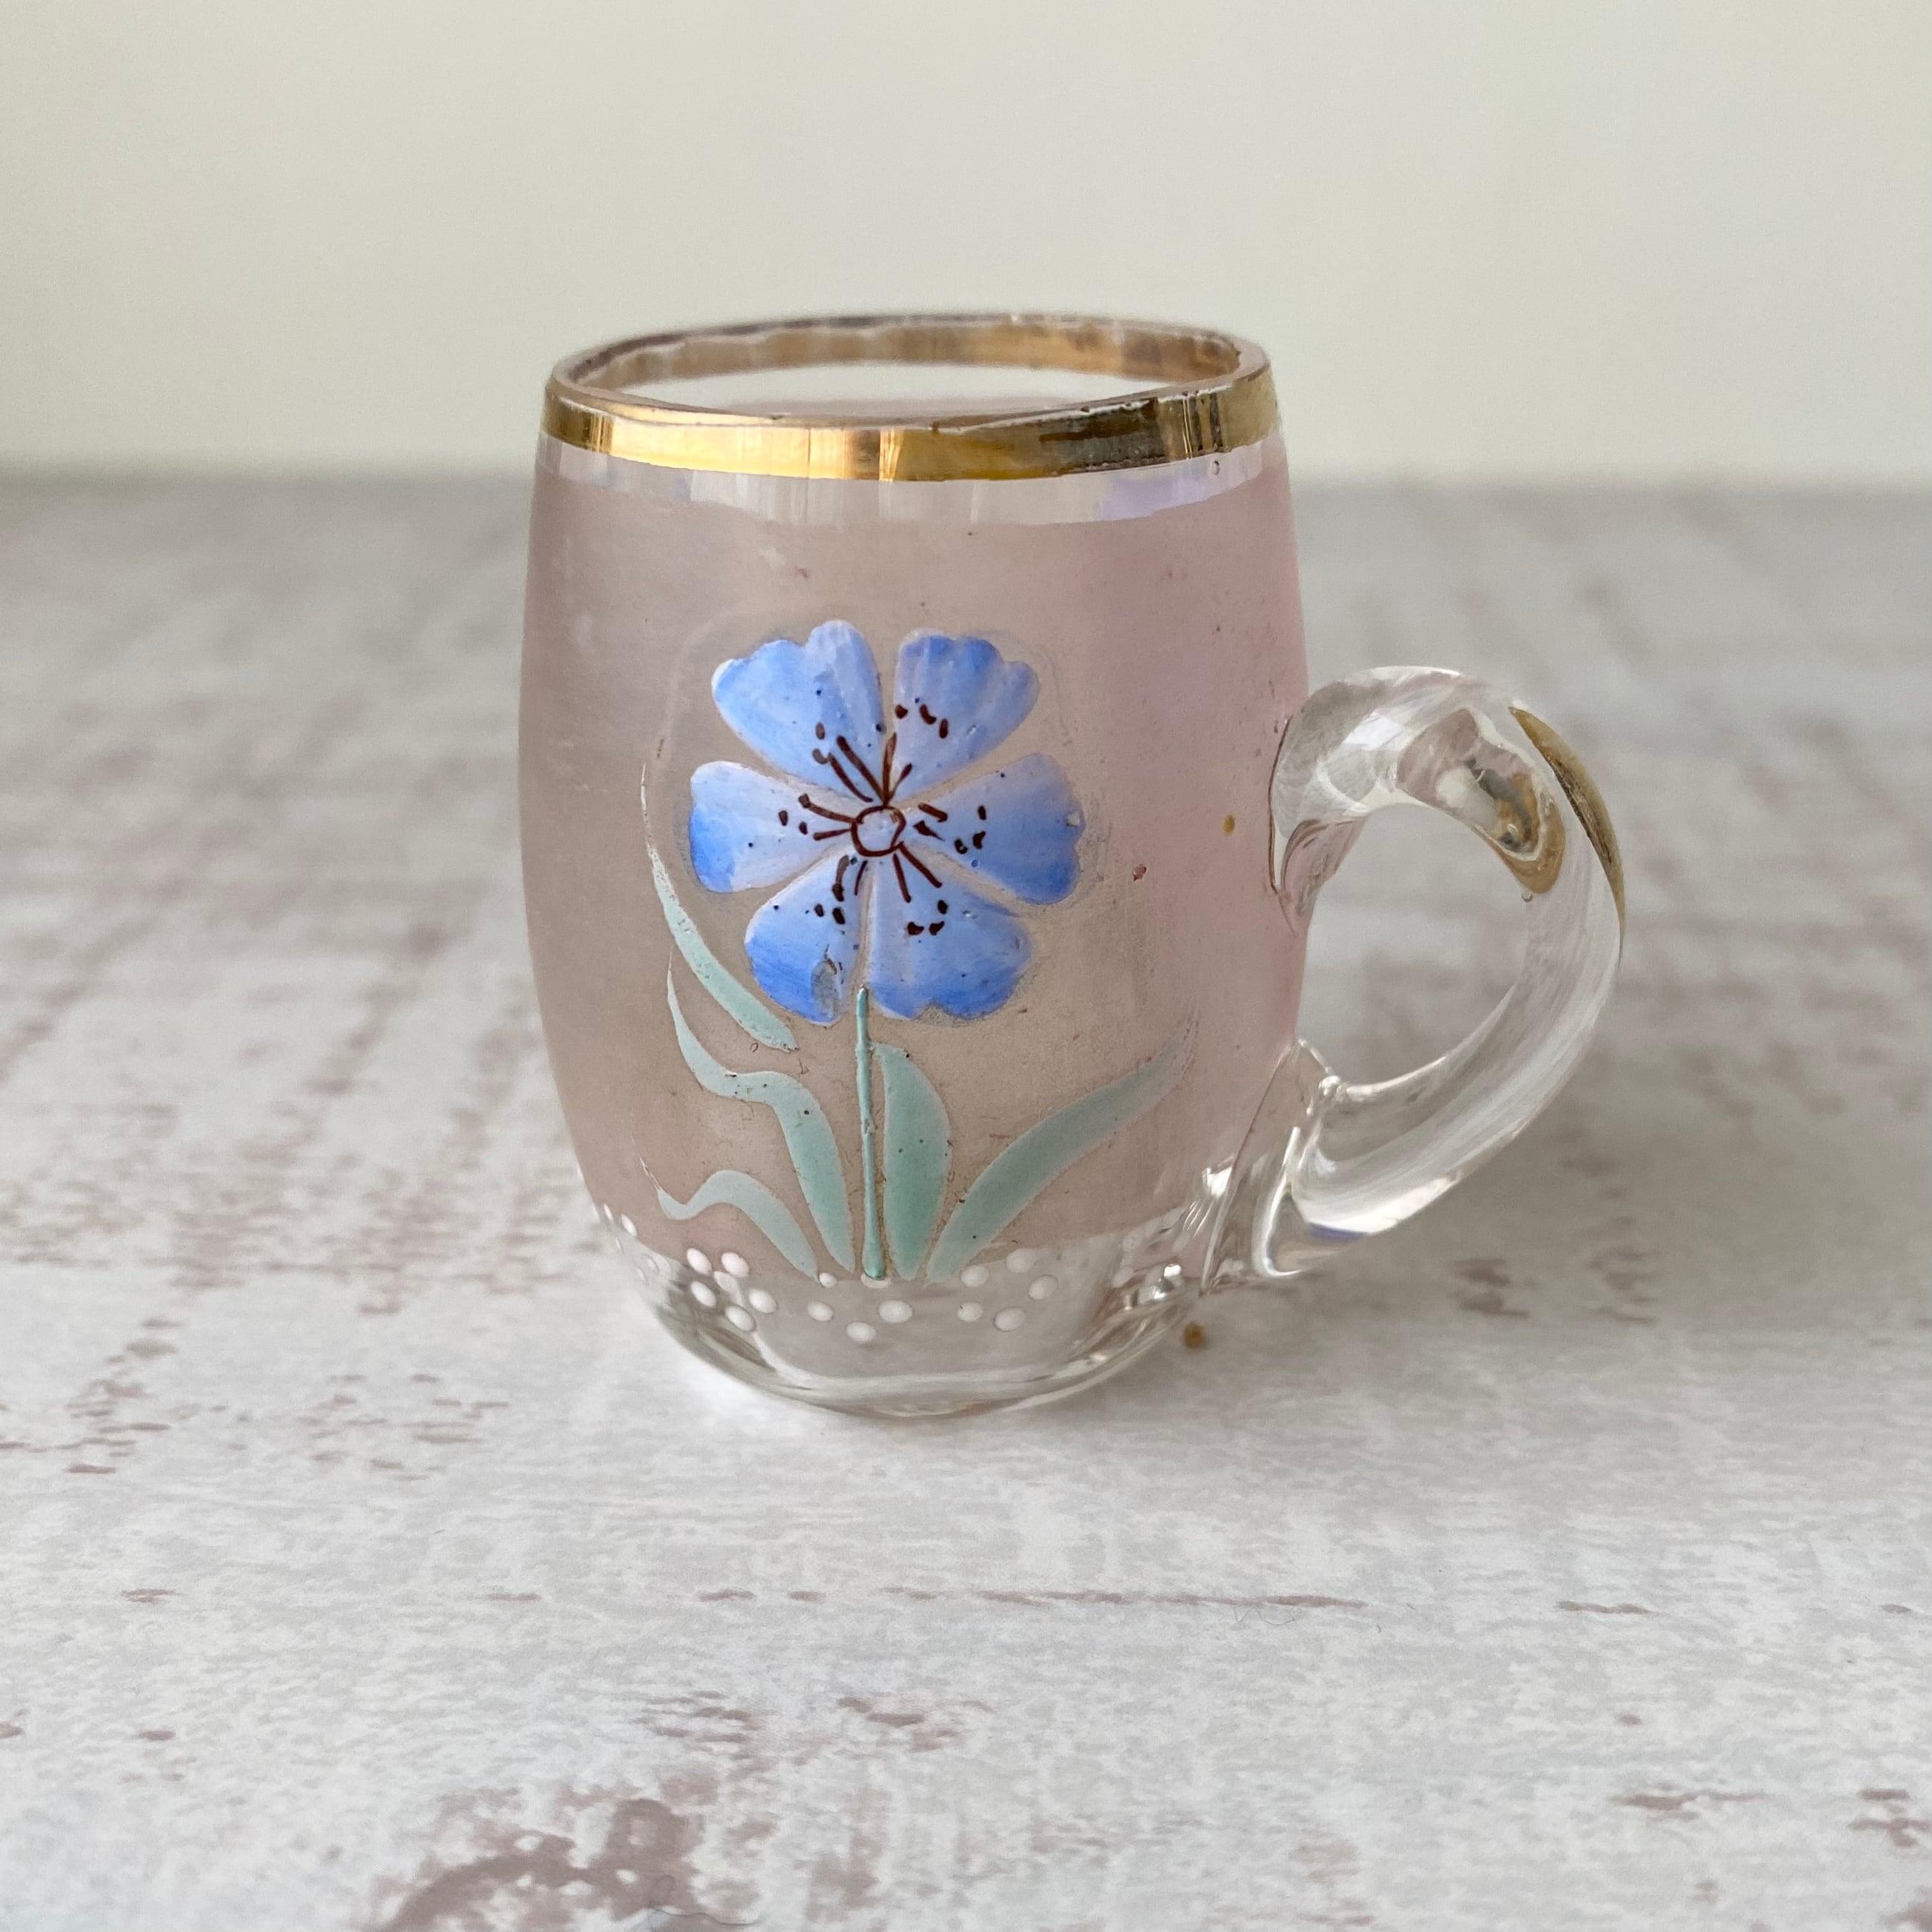 France アンティーク・エナメル花柄ミニグラスc / uv0150